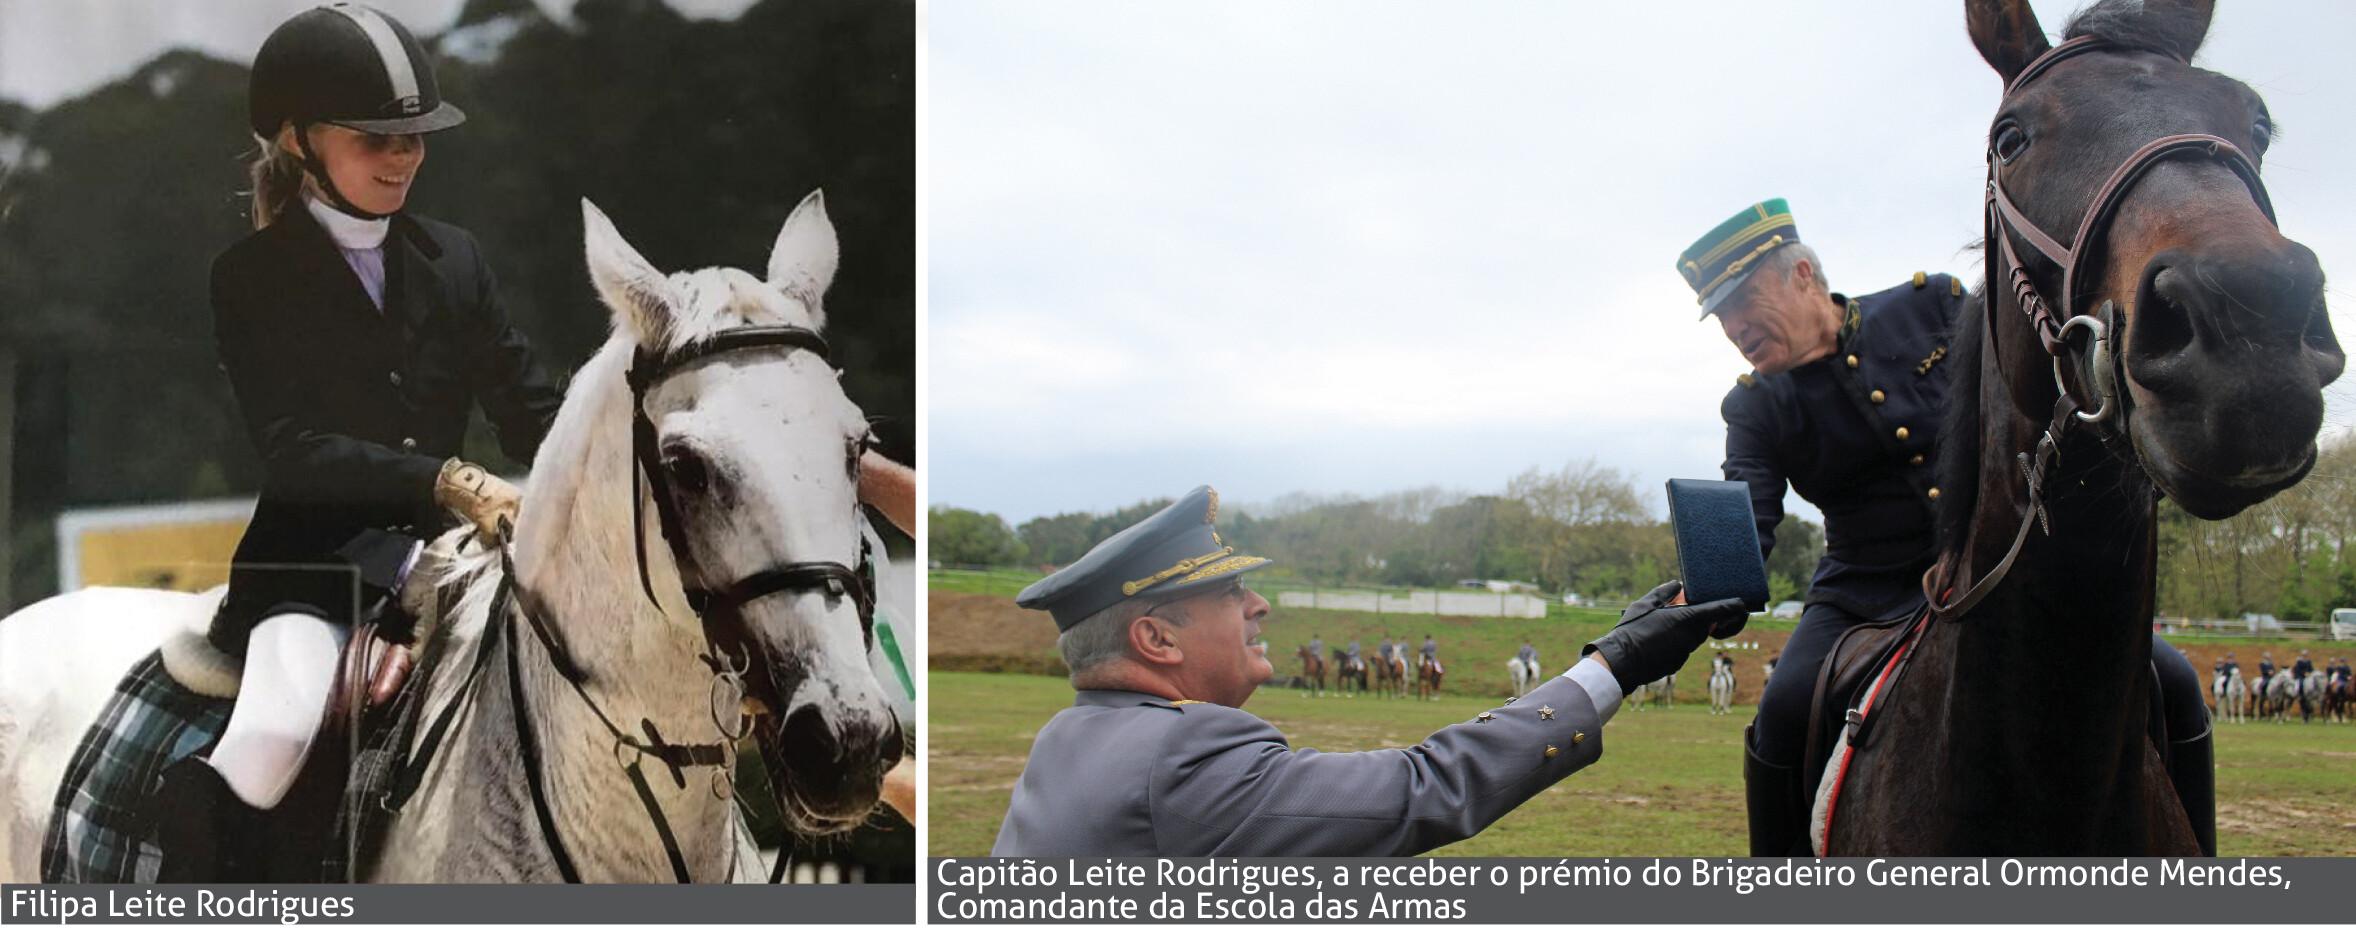 Filipa Leite Rodrigues e Capitão Leite Rodrigues